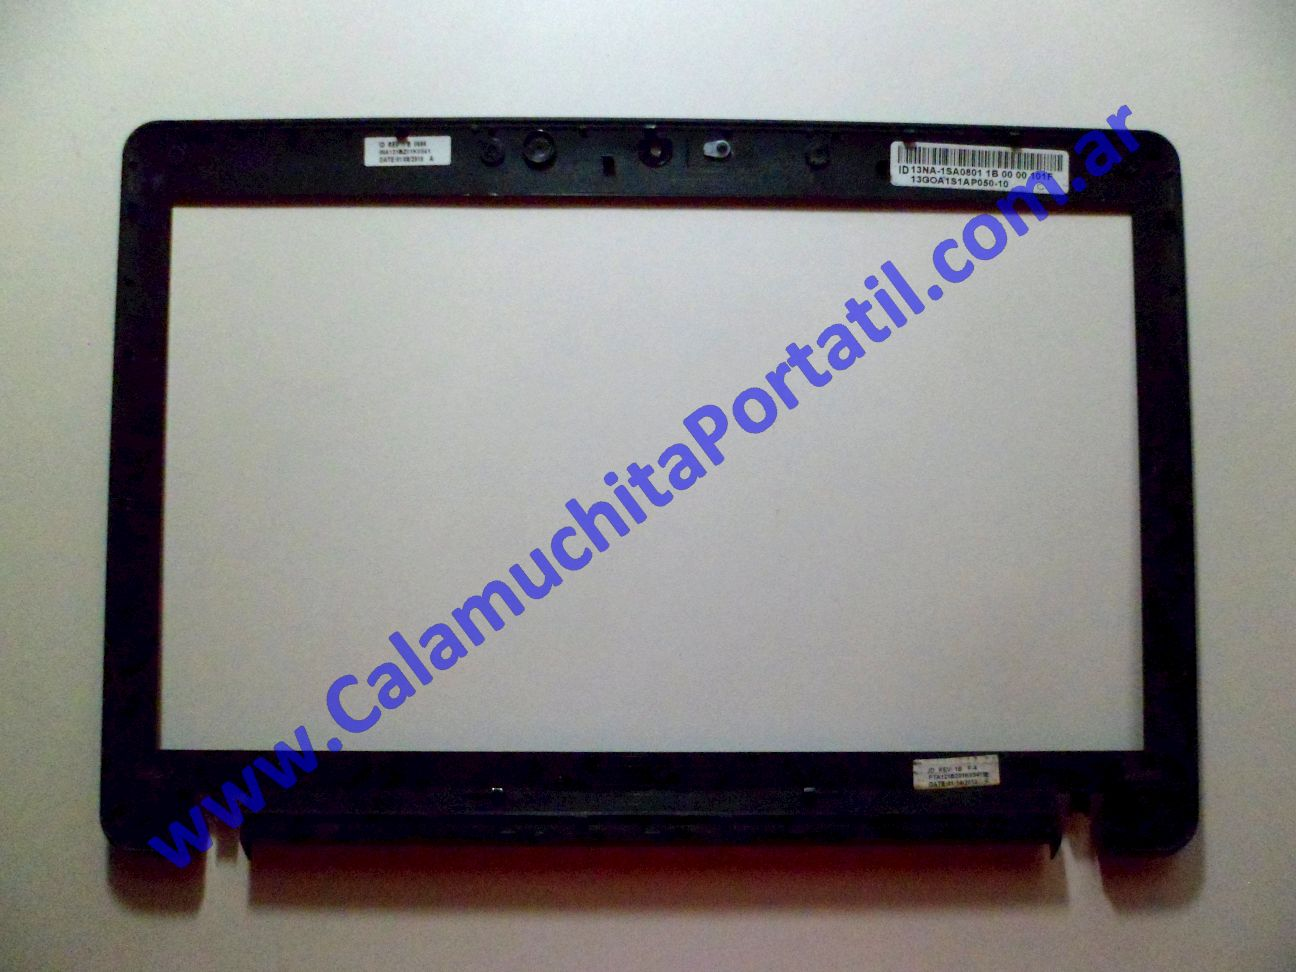 0027CAB Carcasa Marco Asus Eee PC 1201n